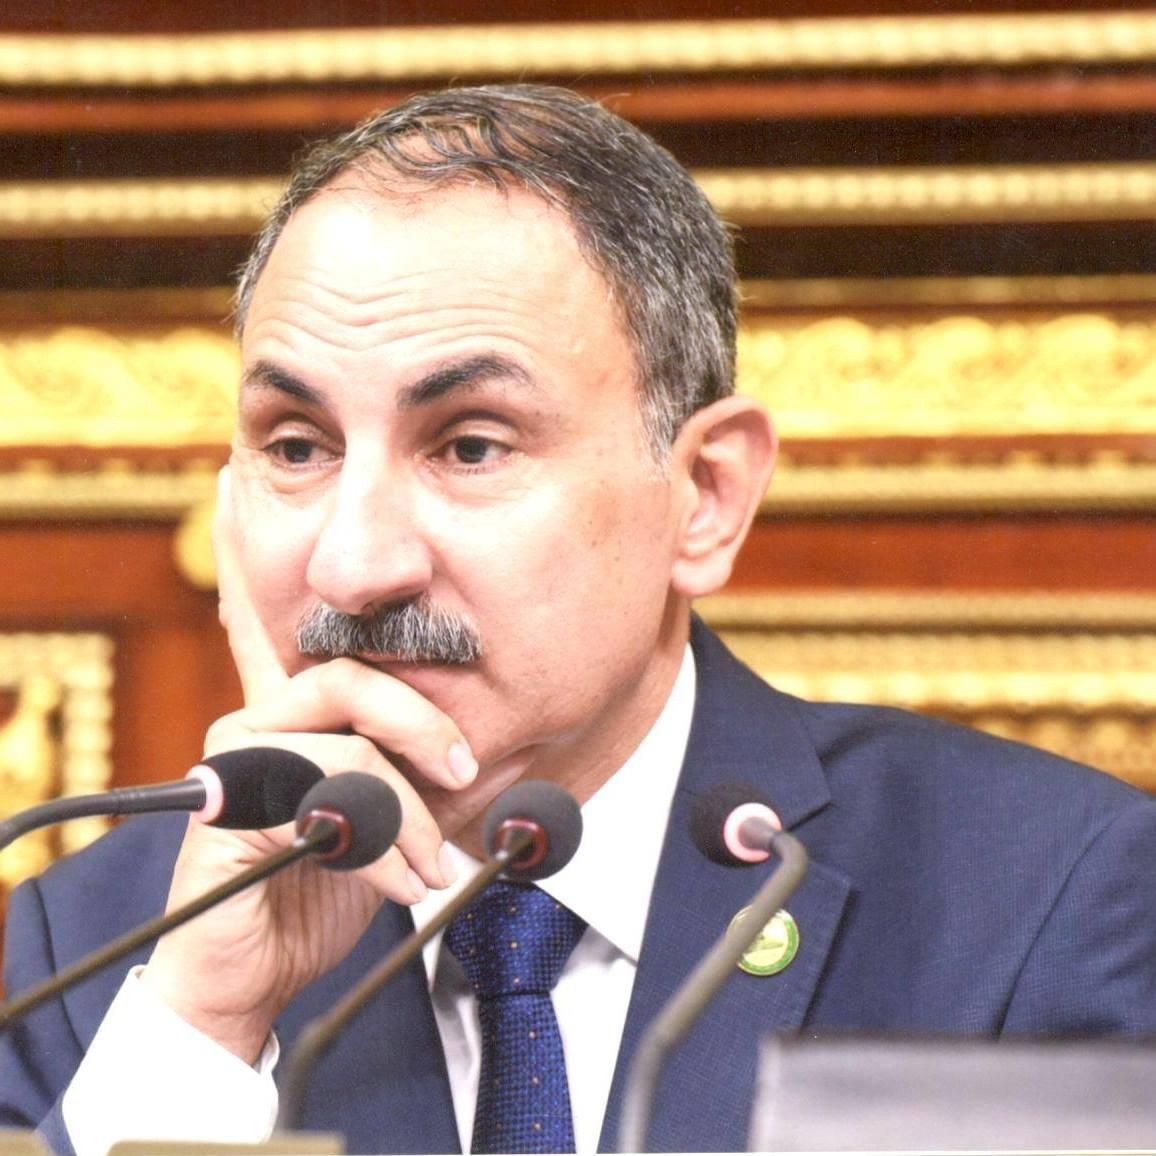 م مجدى ملك وكيل زراعة البرلمان